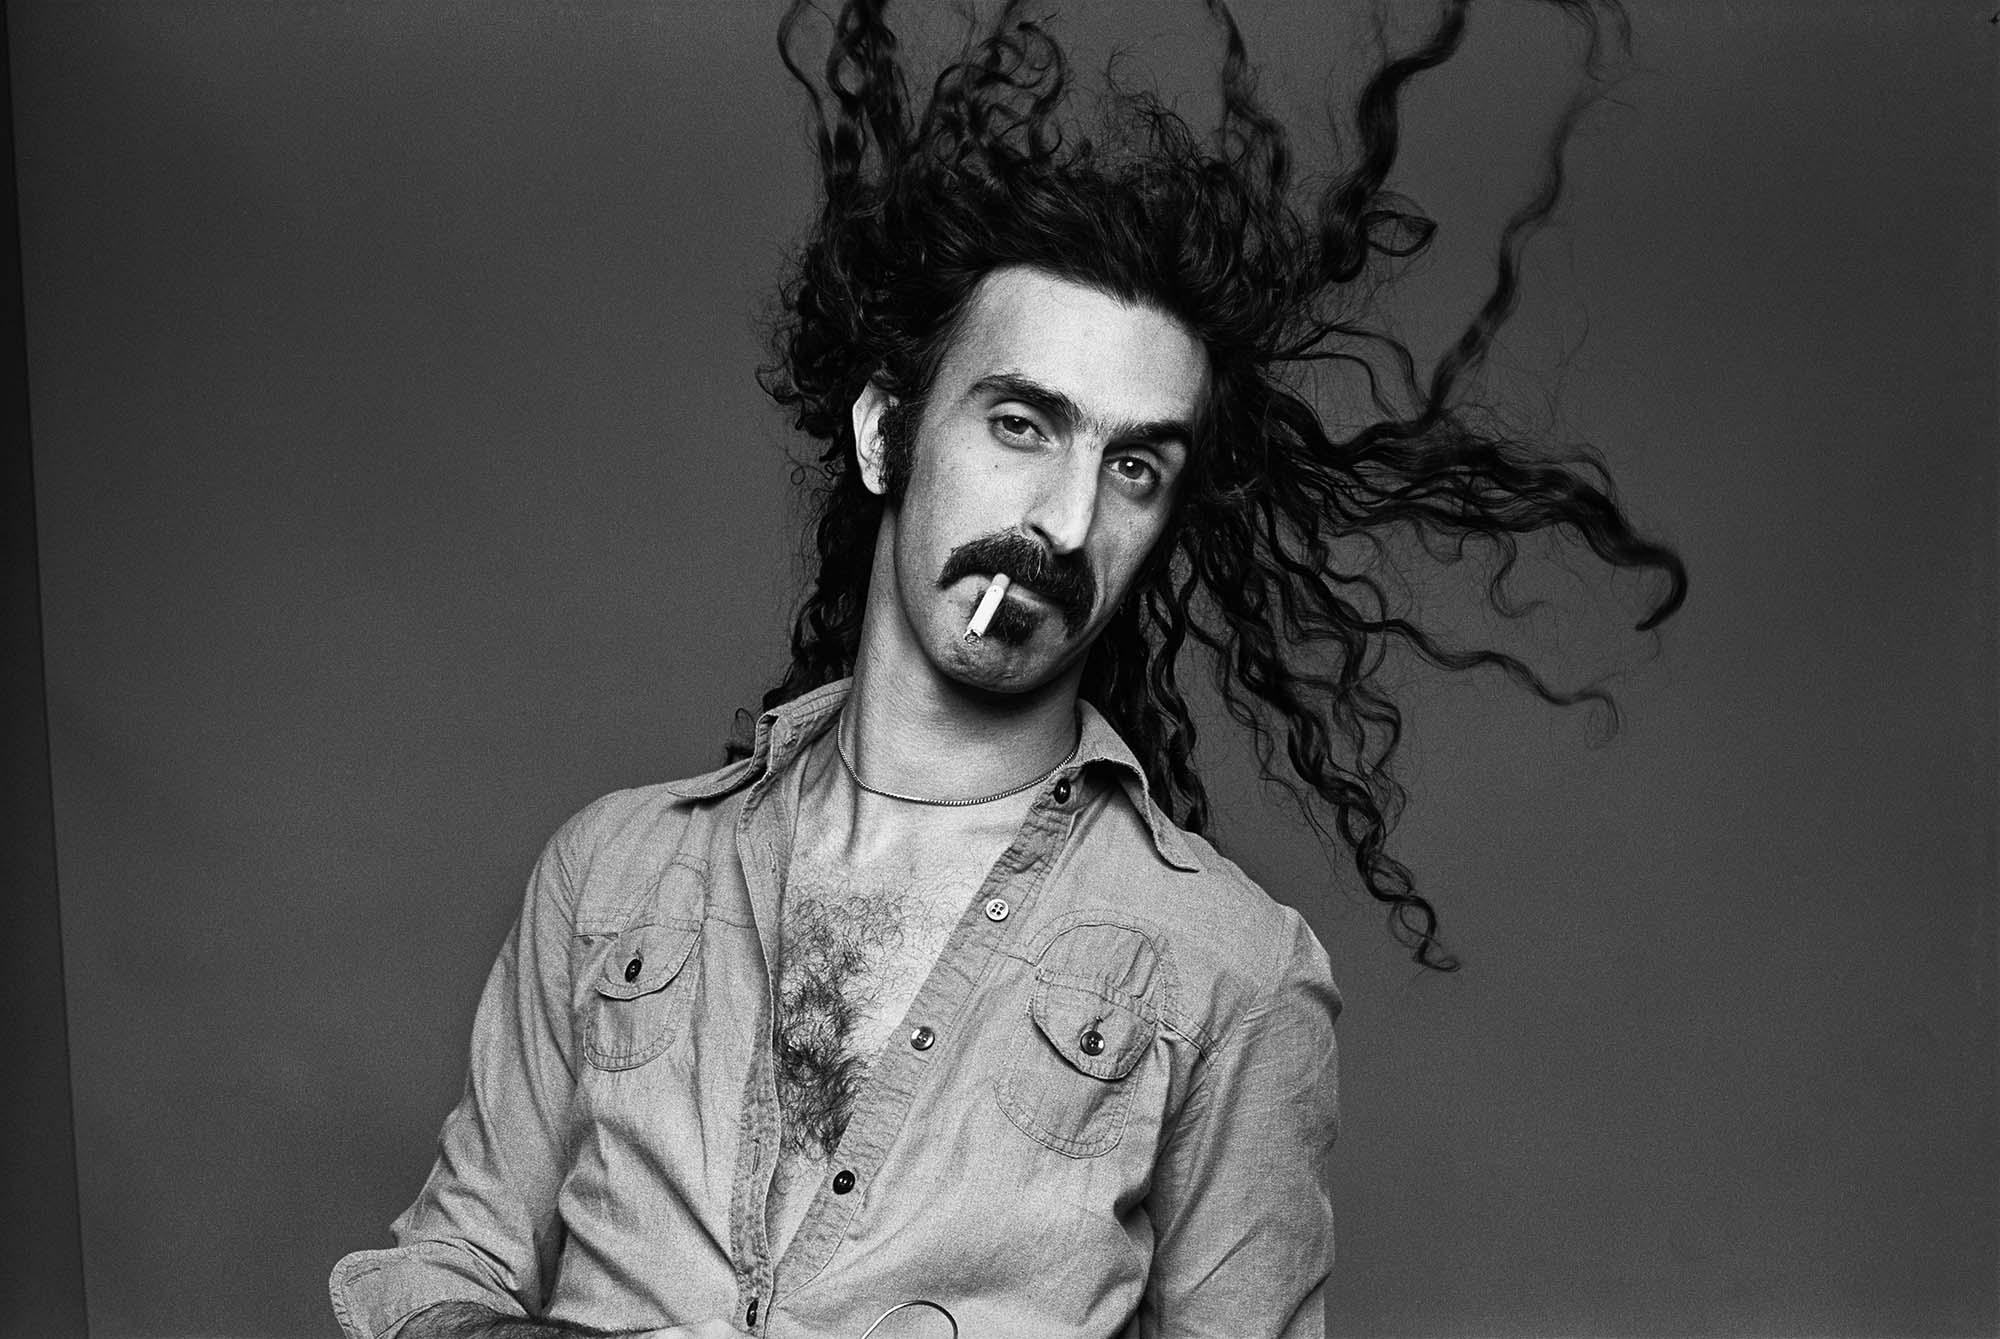 Família de Frank Zappa planeja novos lançamentos do artista